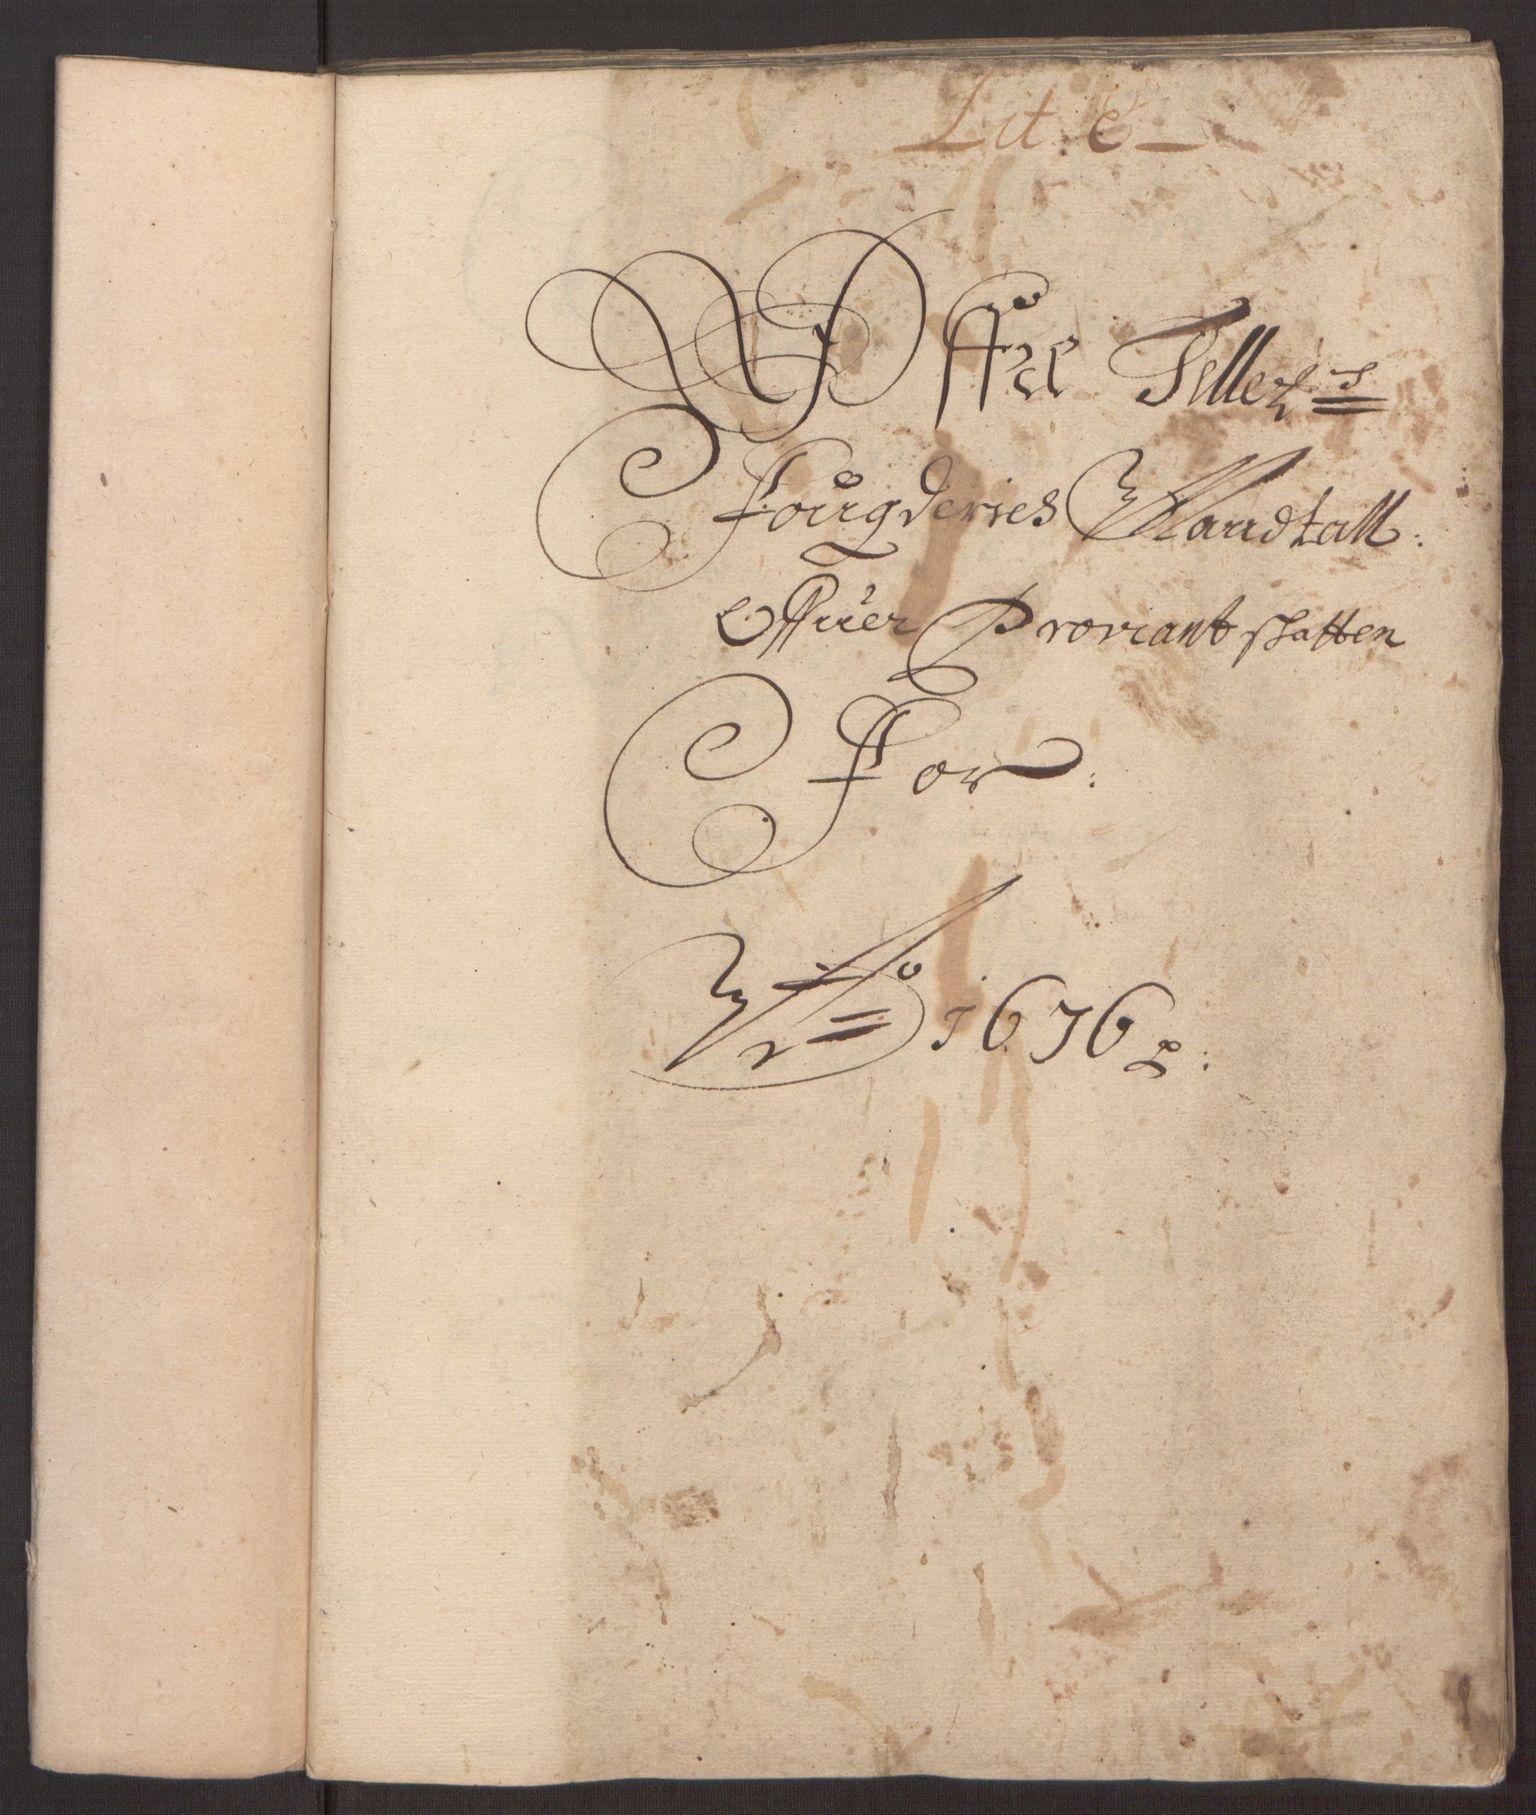 RA, Rentekammeret inntil 1814, Reviderte regnskaper, Fogderegnskap, R35/L2065: Fogderegnskap Øvre og Nedre Telemark, 1676, s. 85